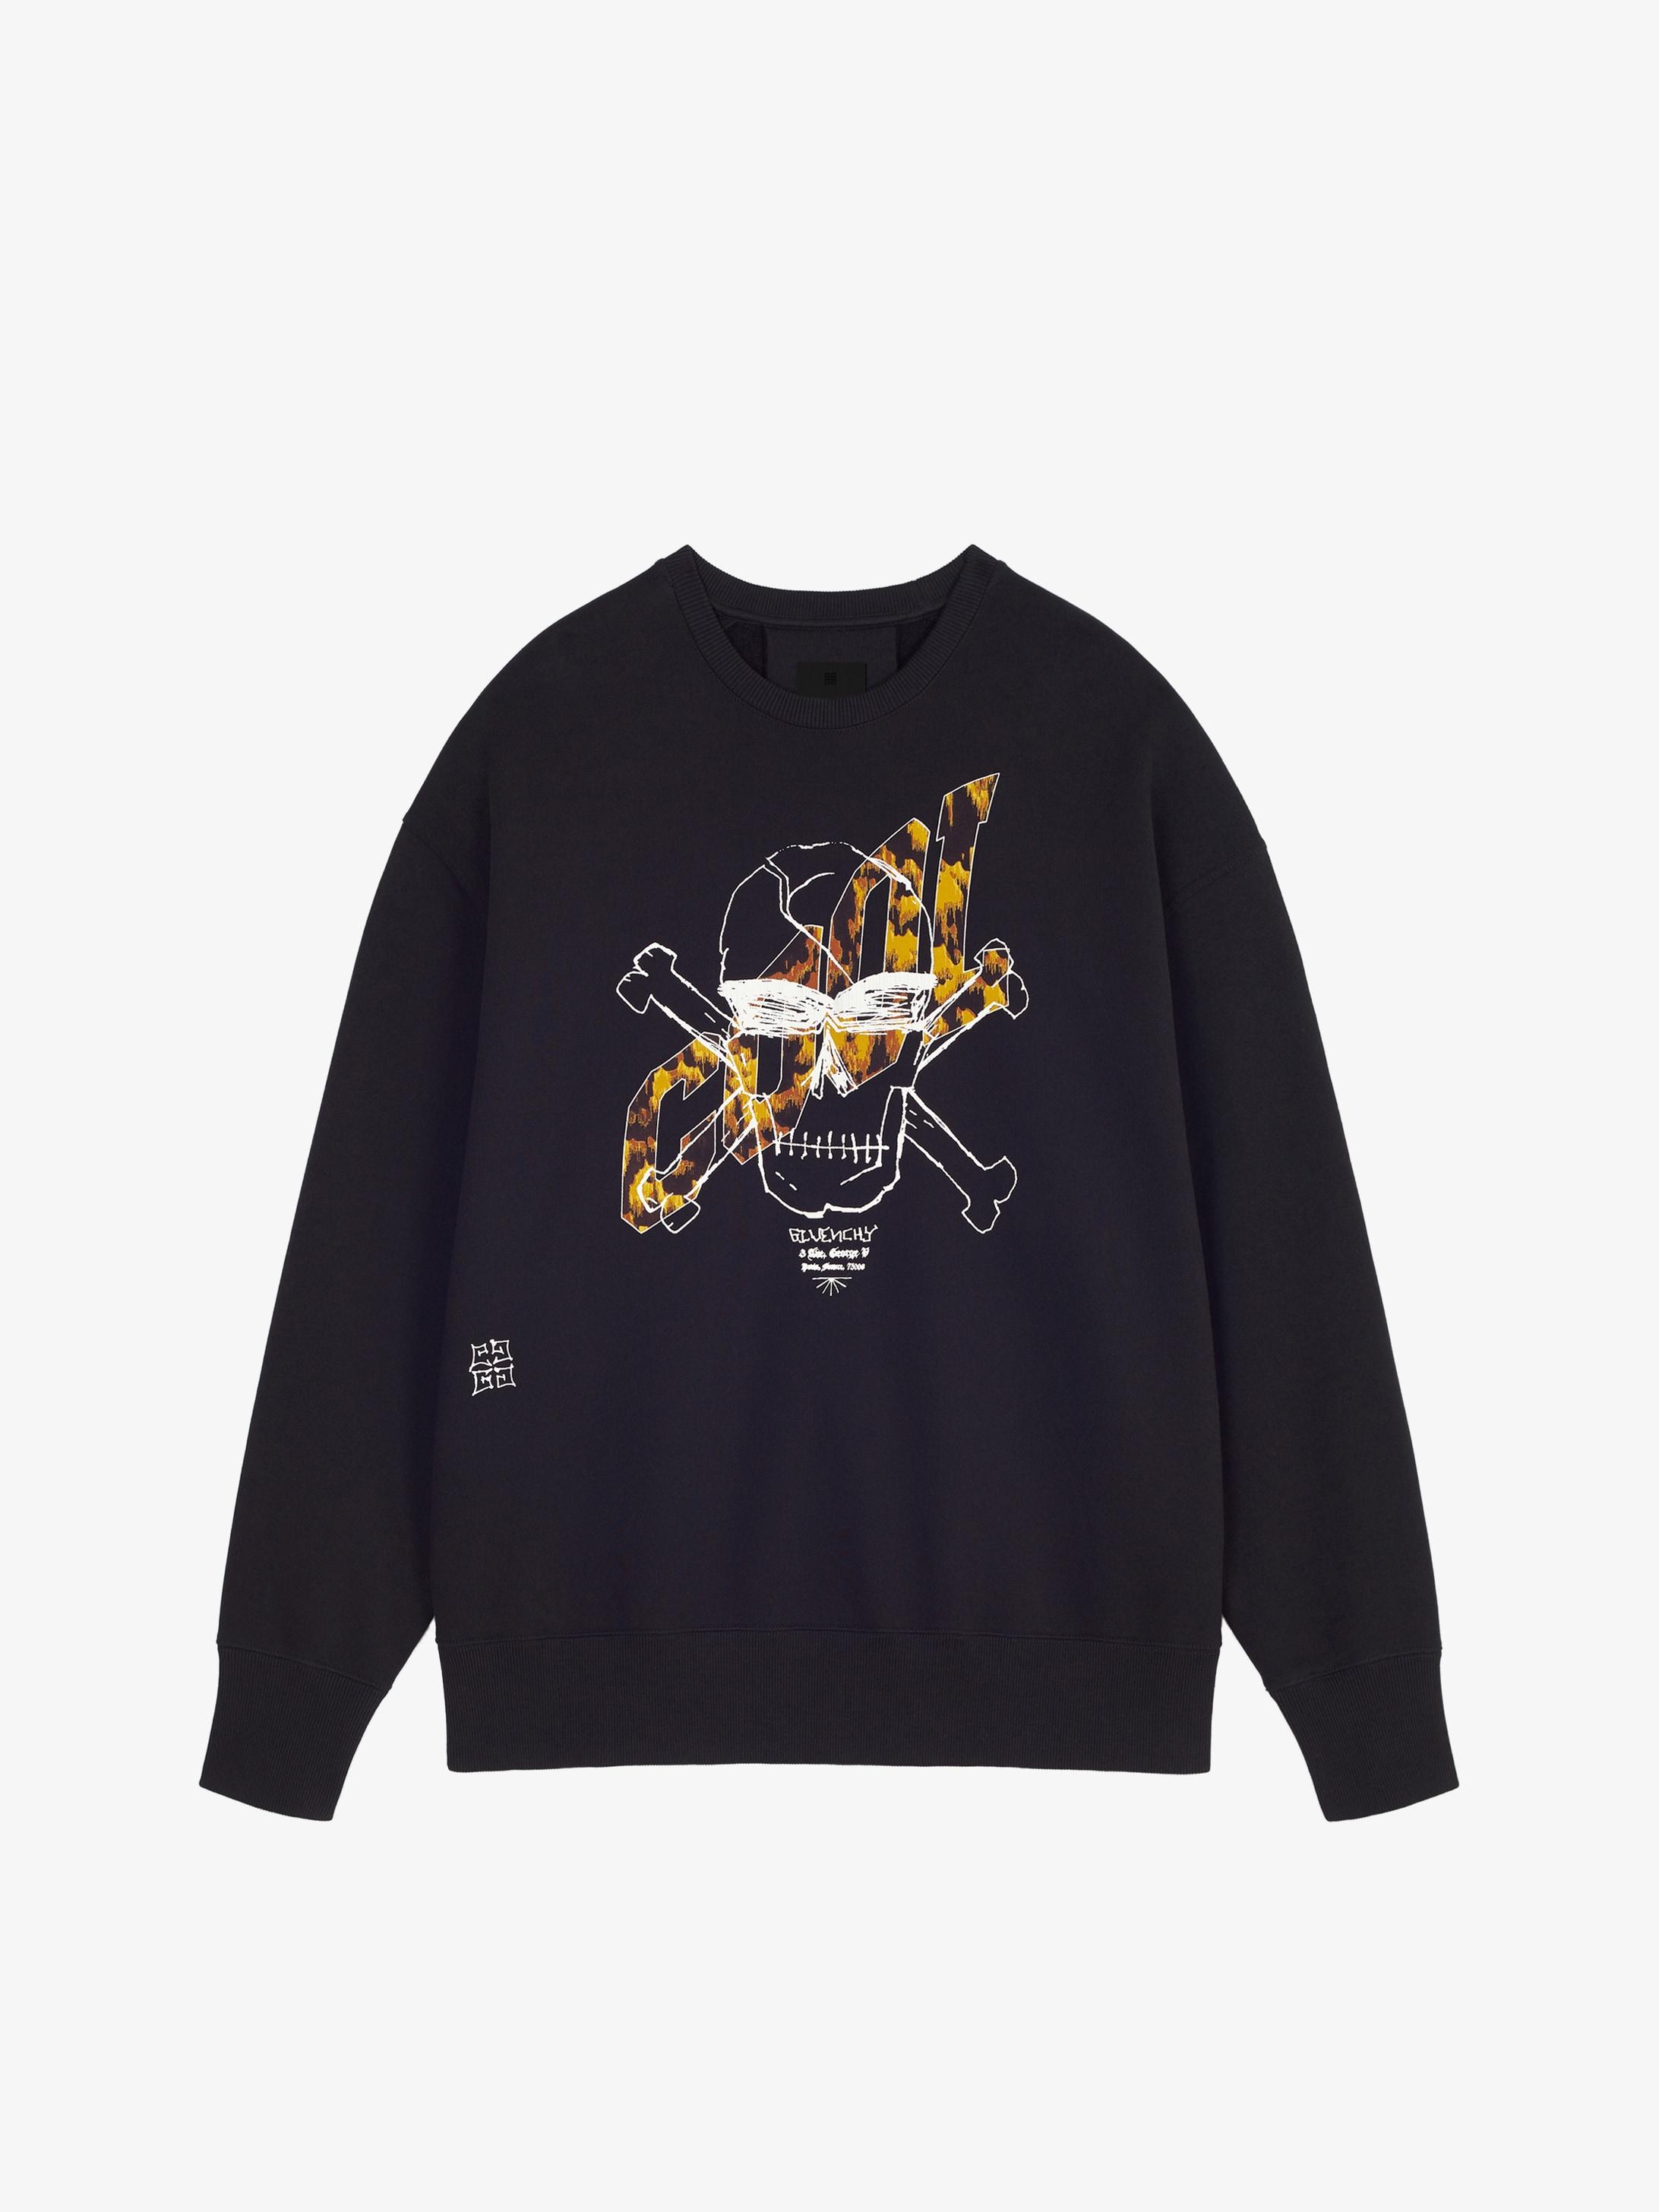 Sweatshirt oversized imprimé